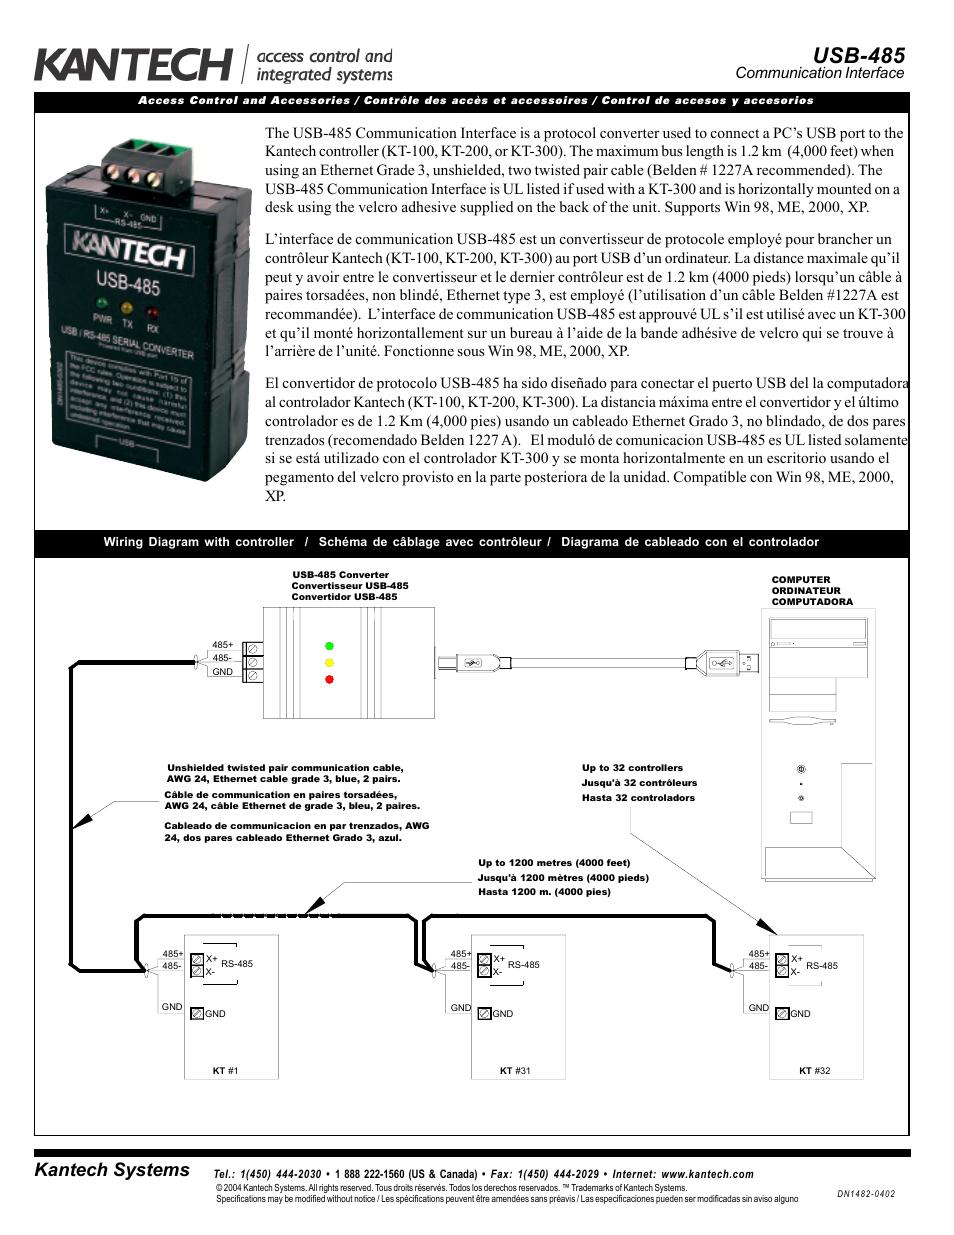 on kantech door access control wiring diagrams